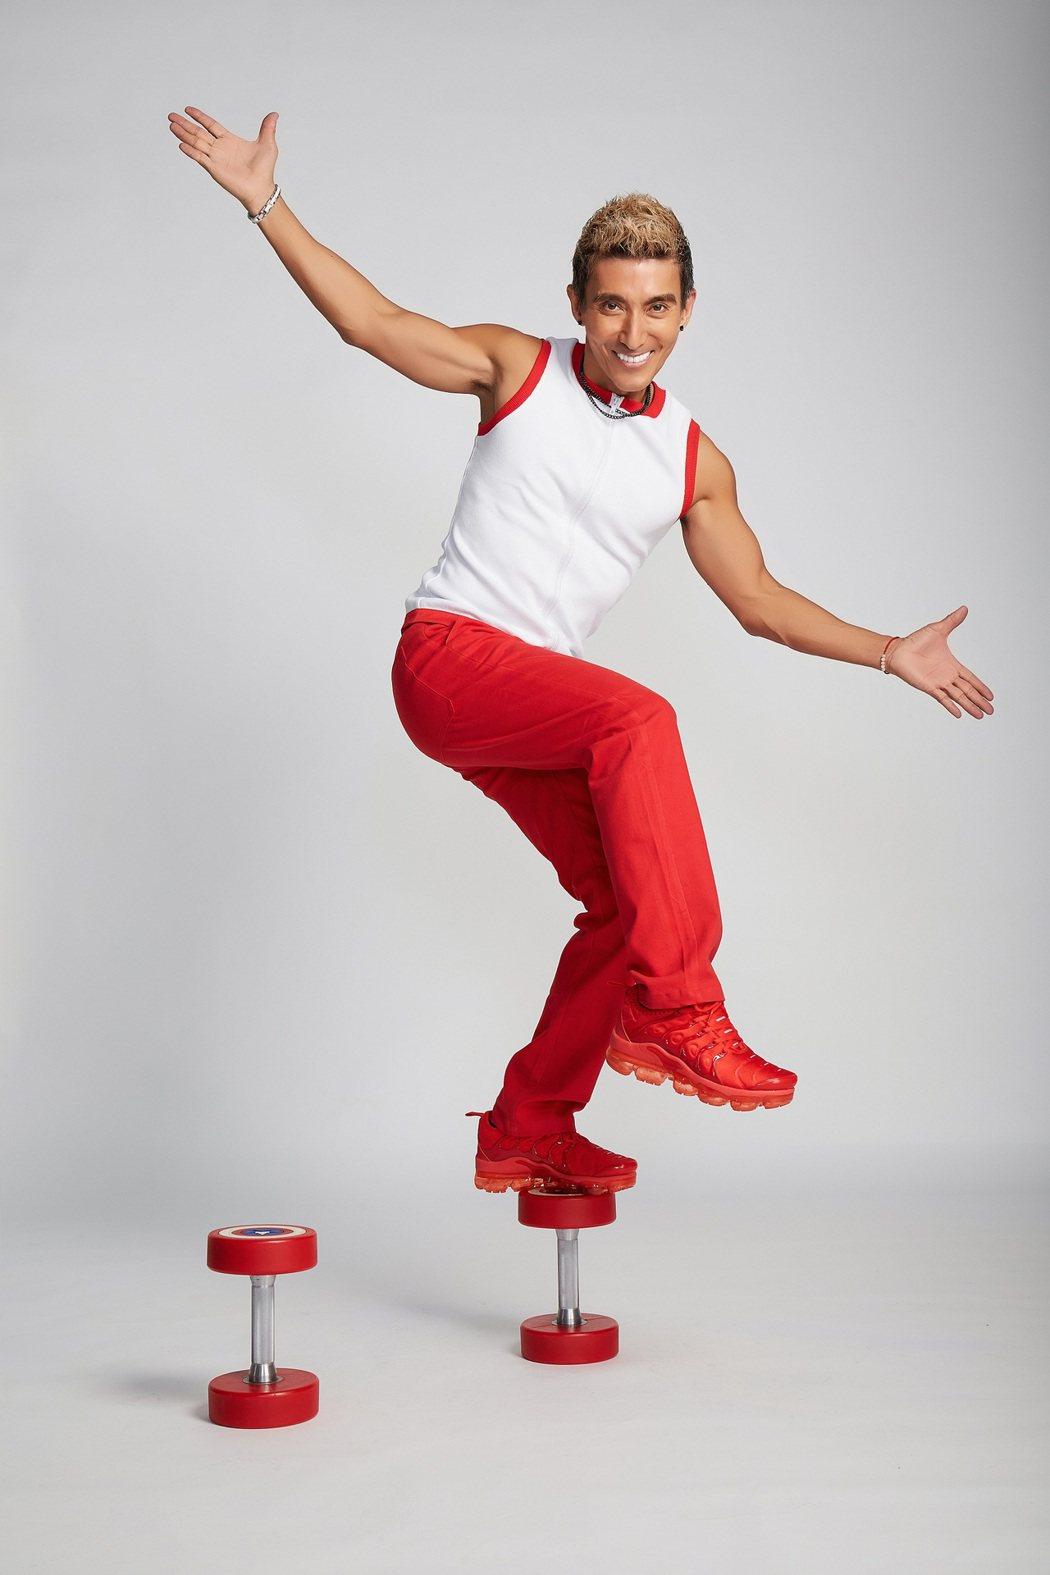 潘若迪發行首張個人單曲「健人就是腳勤」。圖/艾迪昇傳播提供